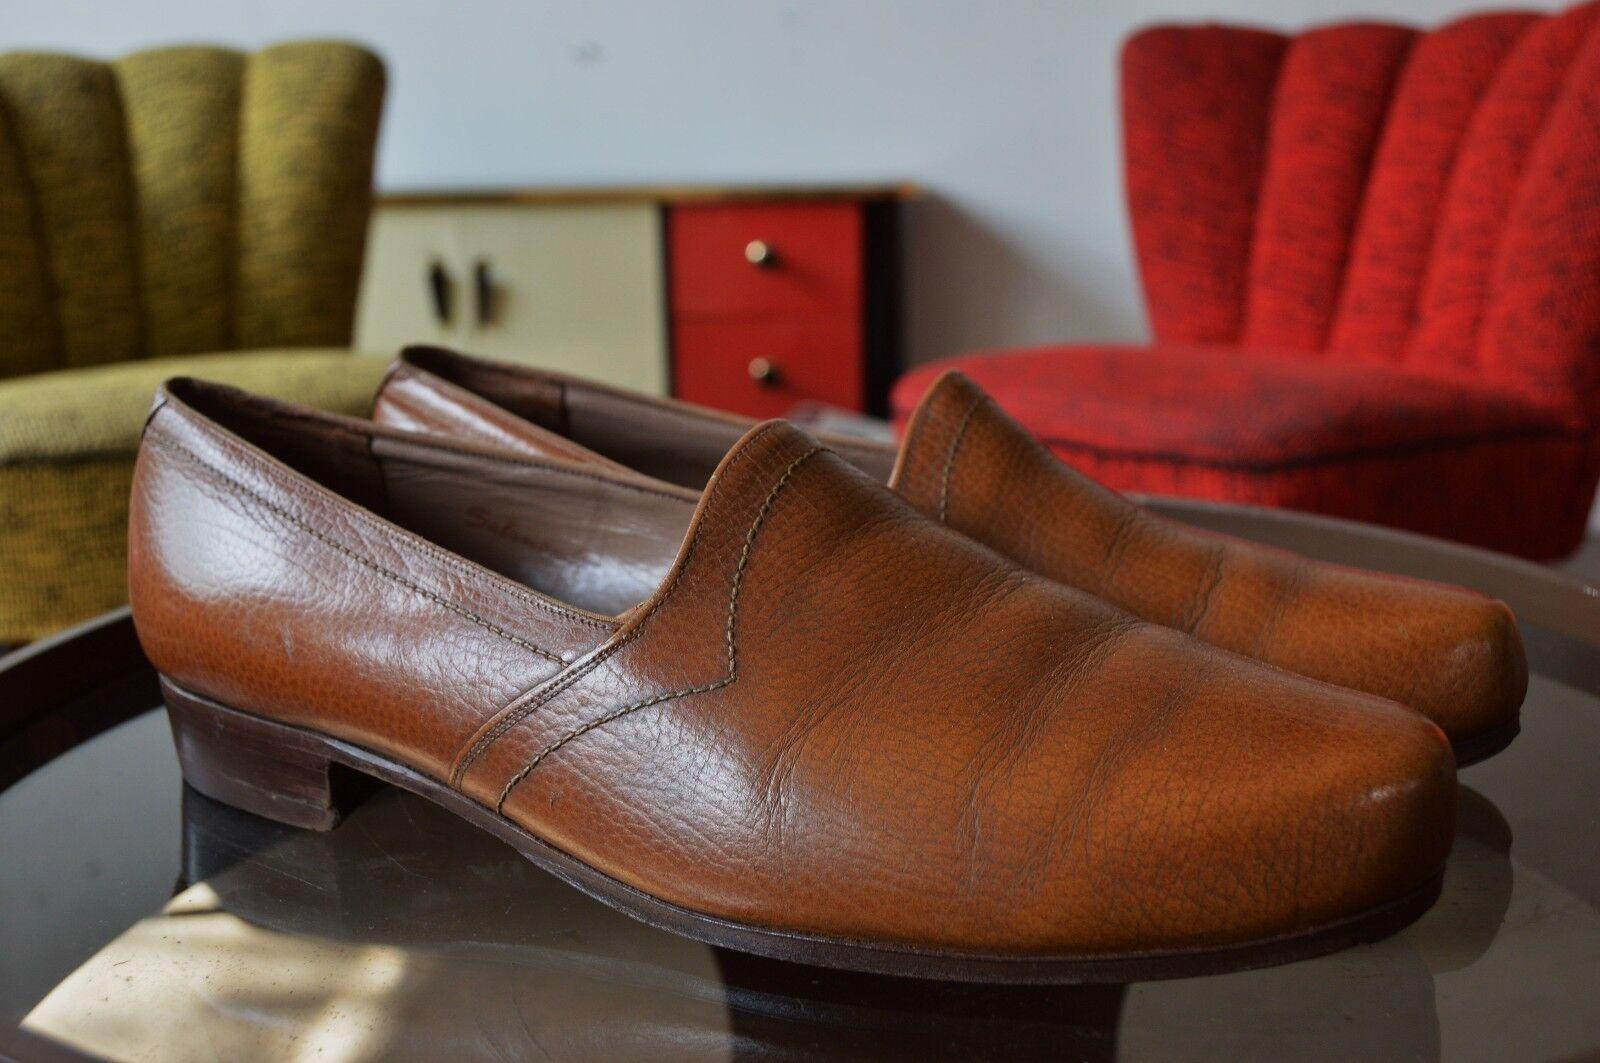 Salamander señores zapato bajo 50er True vintage 50´s Slipper loafer marrón de cuero